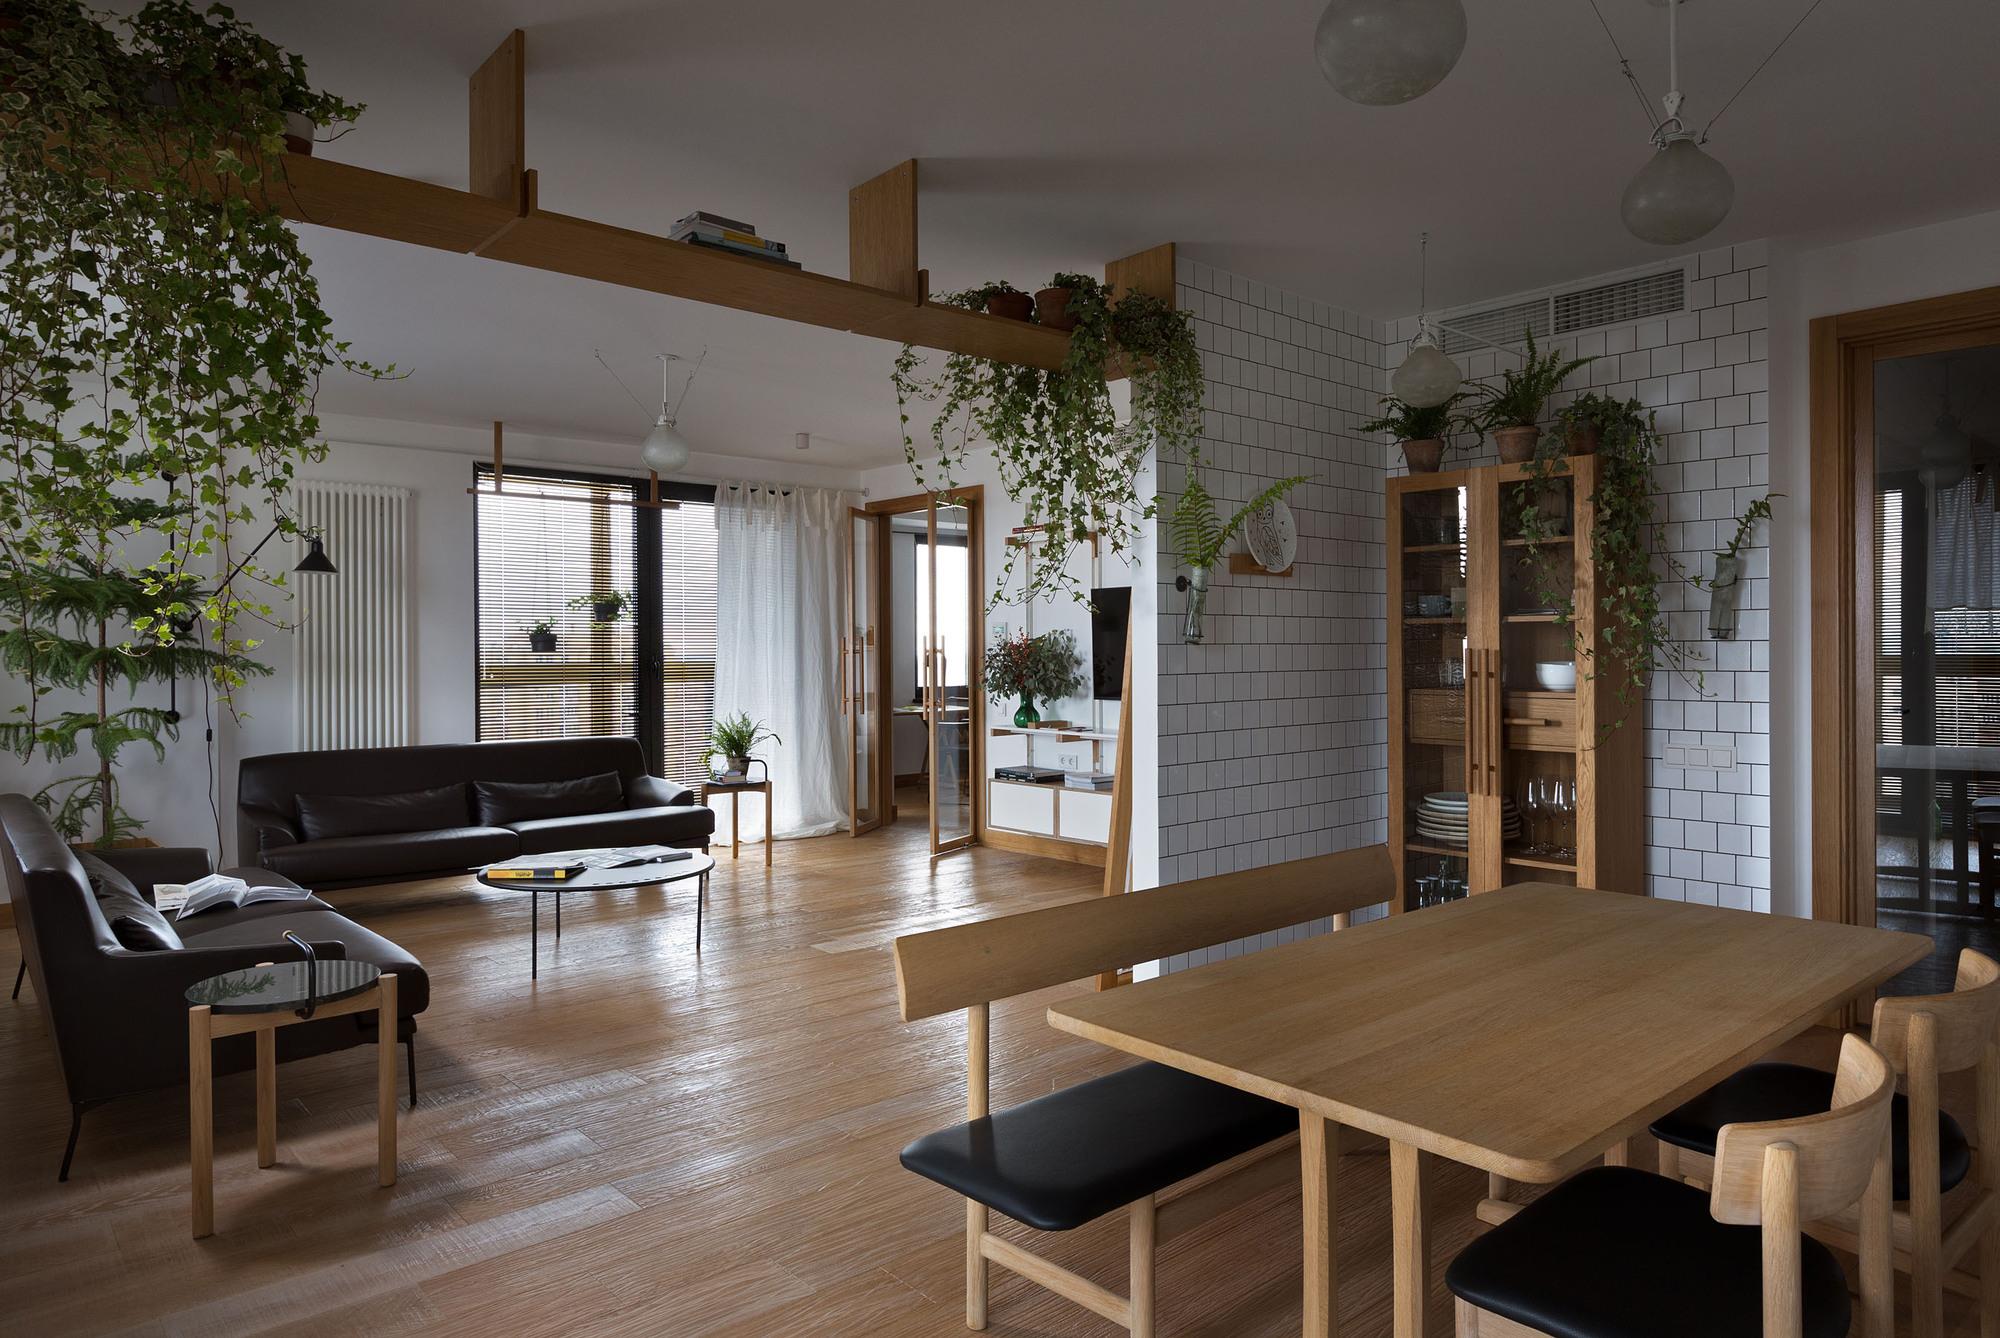 Apartment in Kiev / Alena Yudina